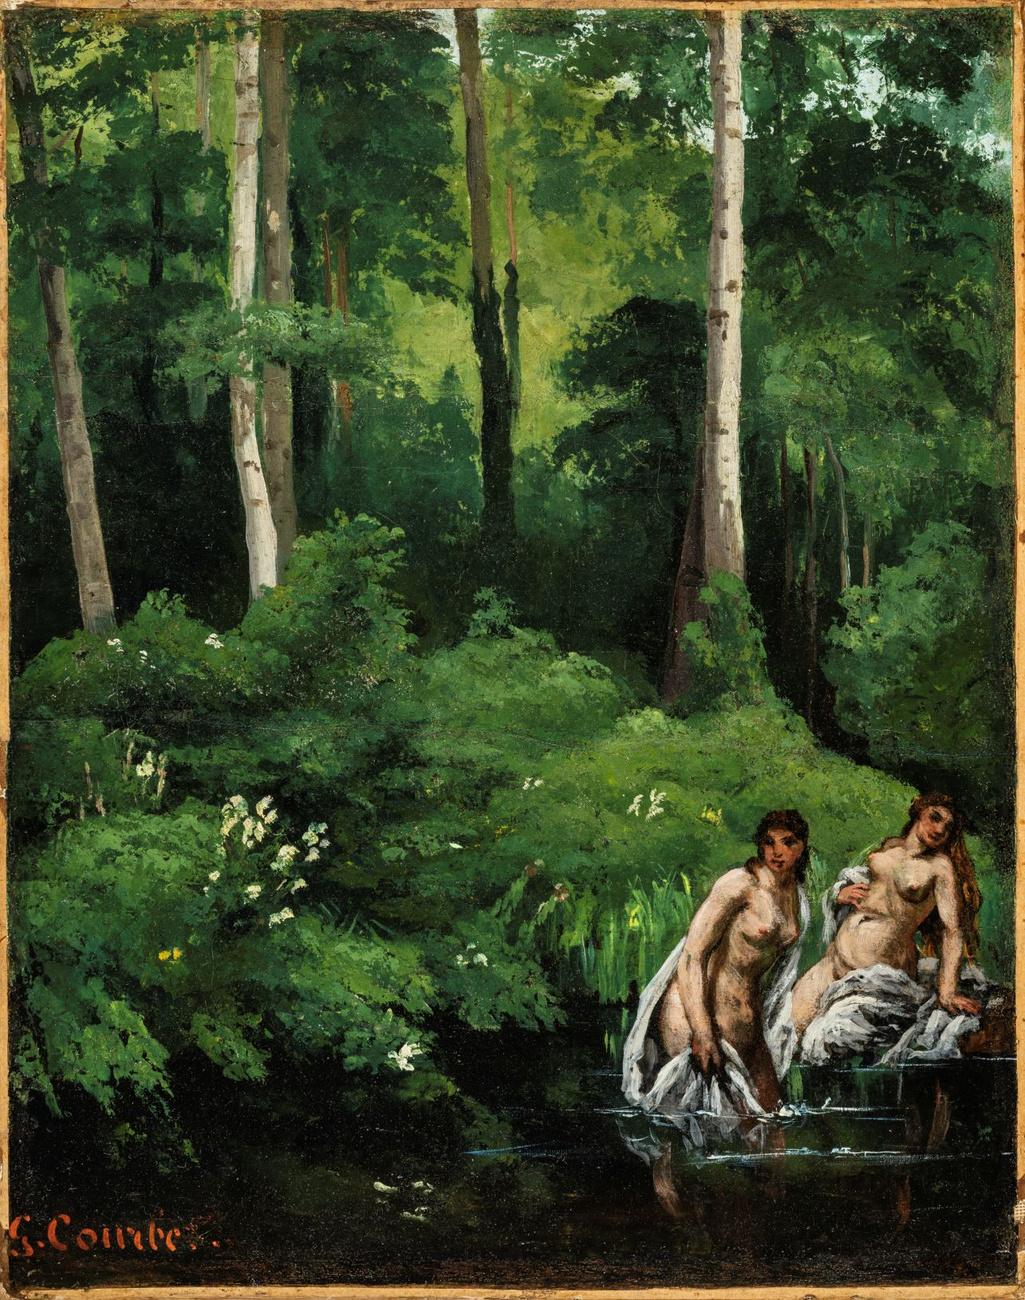 Újabb Gustave Courbet-kép kerül a Szépművészeti Múzeumba